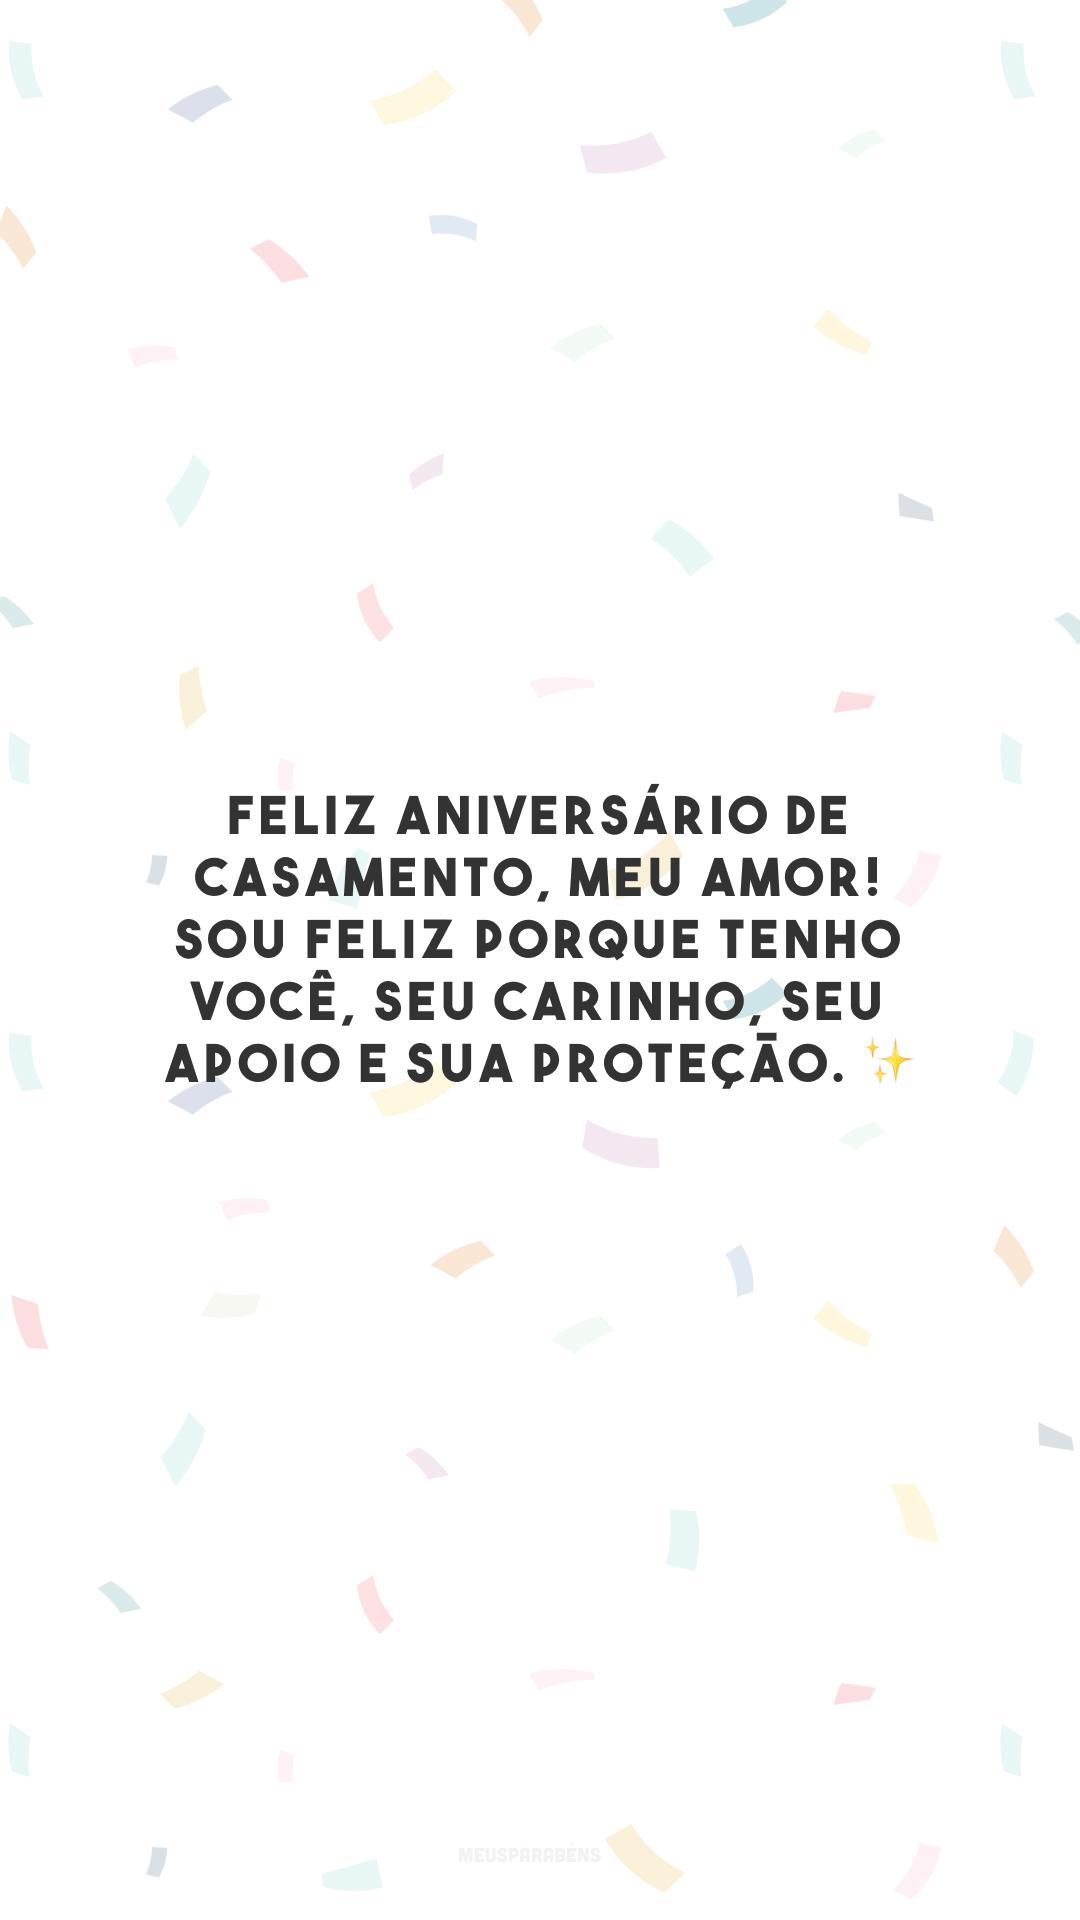 Feliz aniversário de casamento, meu amor! Sou feliz porque tenho você, seu carinho, seu apoio e sua proteção. ✨